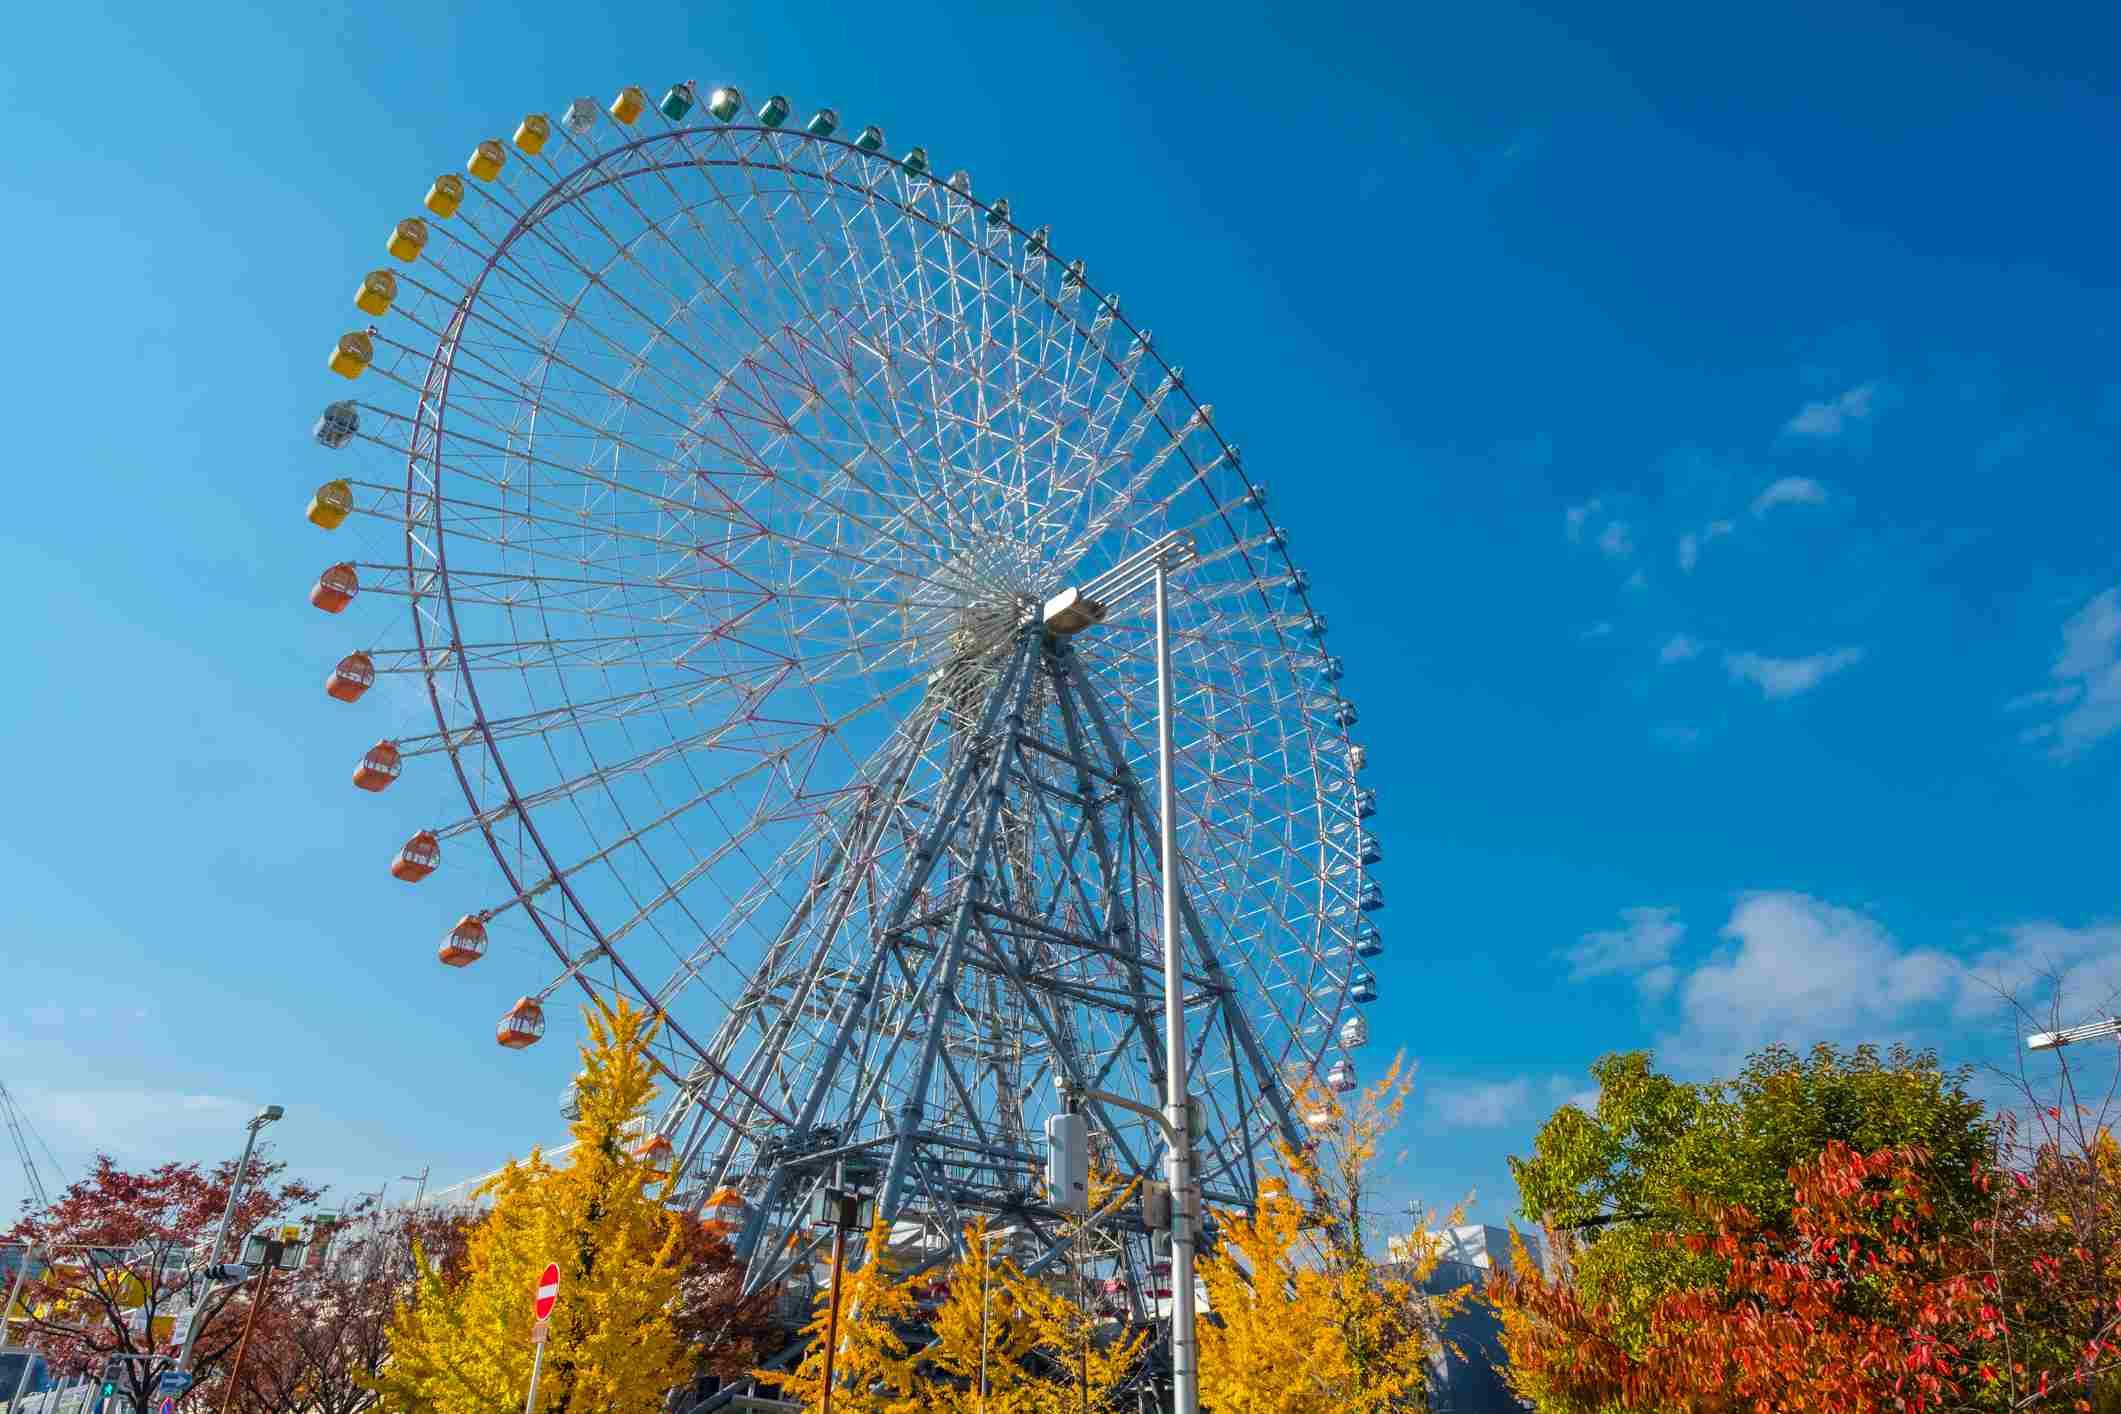 Tempozan ferris wheel in Kyoto, Japan